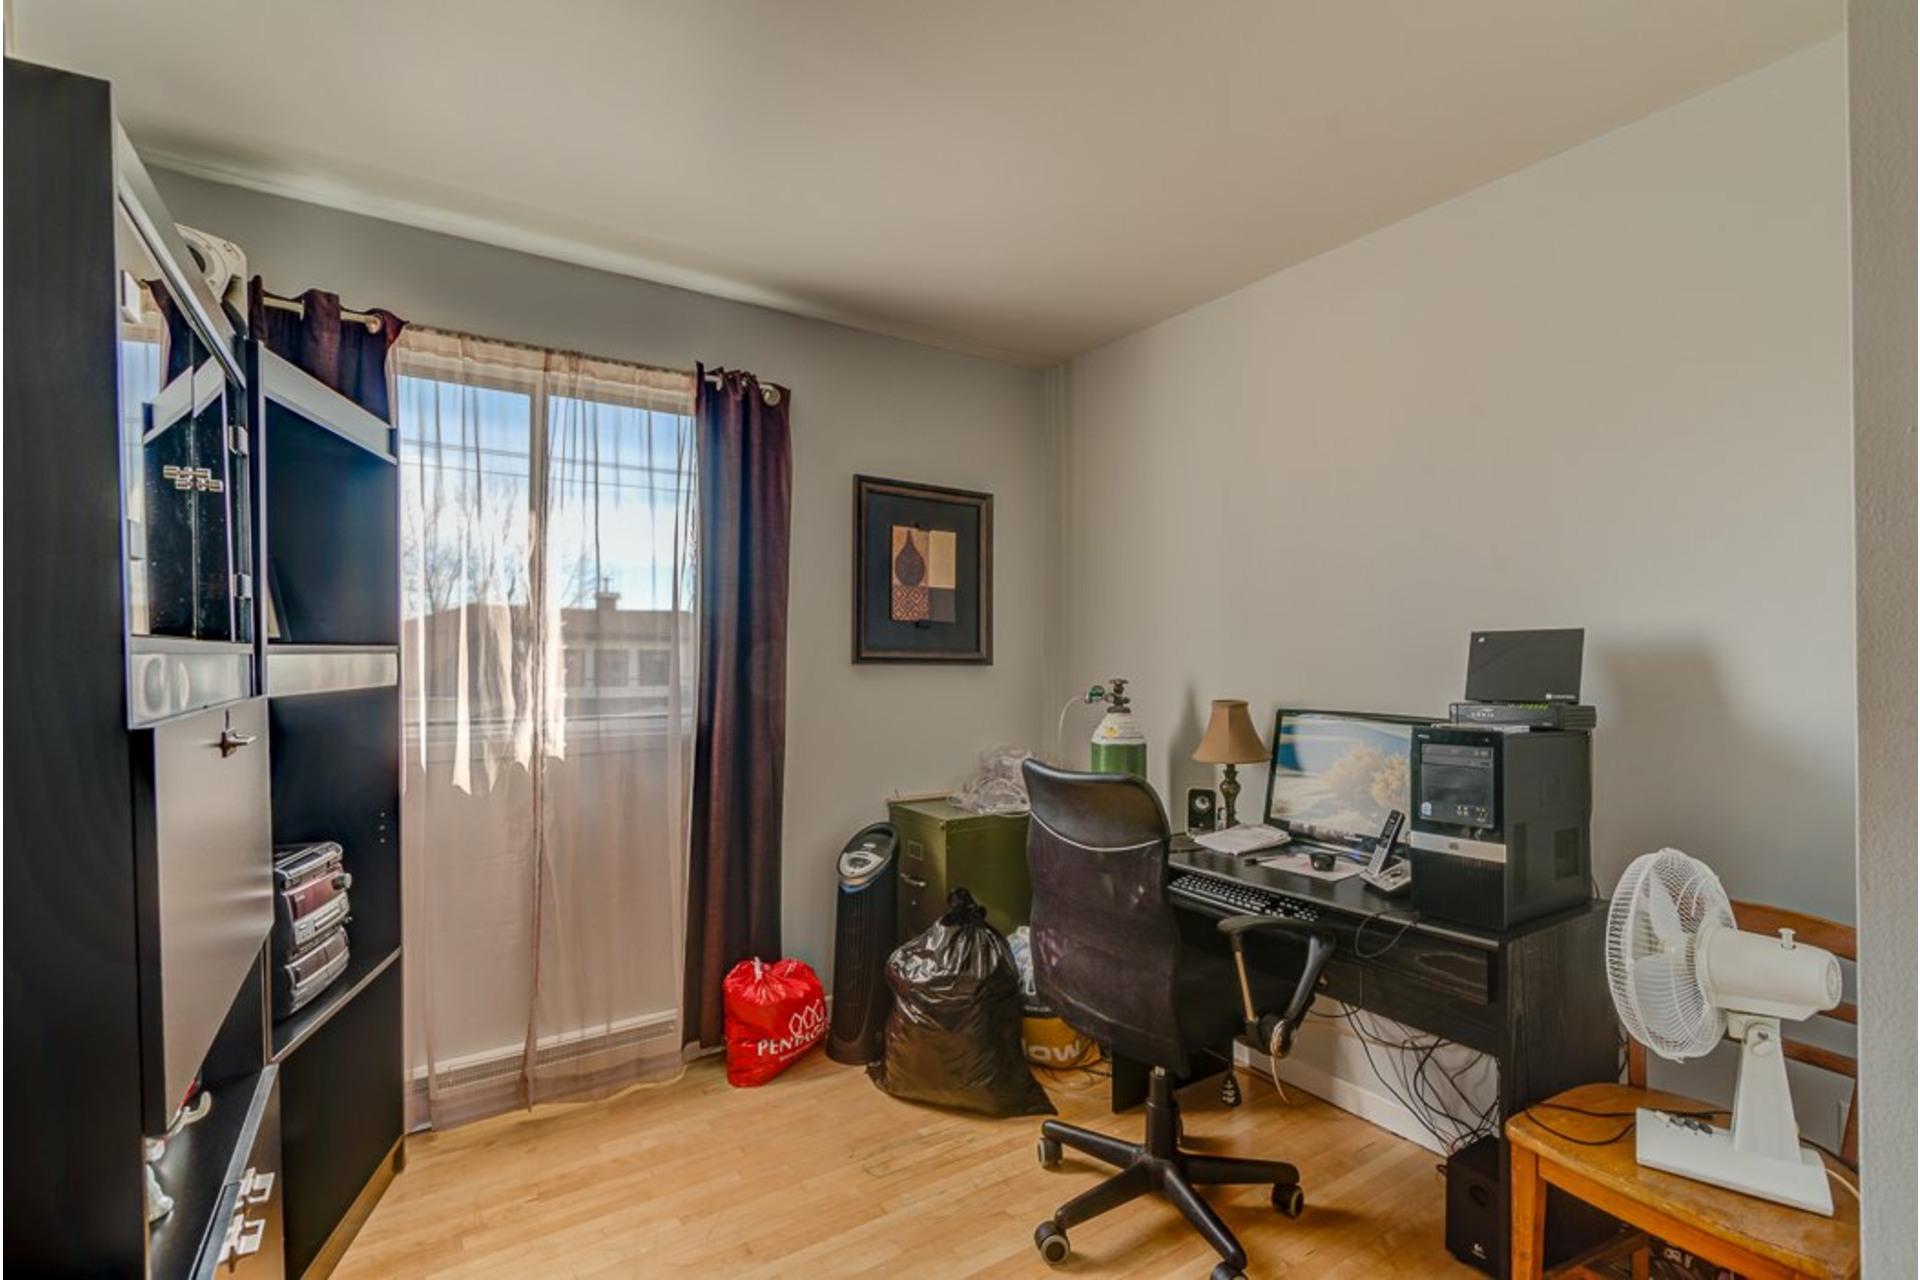 image 39 - Duplex À vendre Sainte-Anne-des-Plaines - 5 pièces